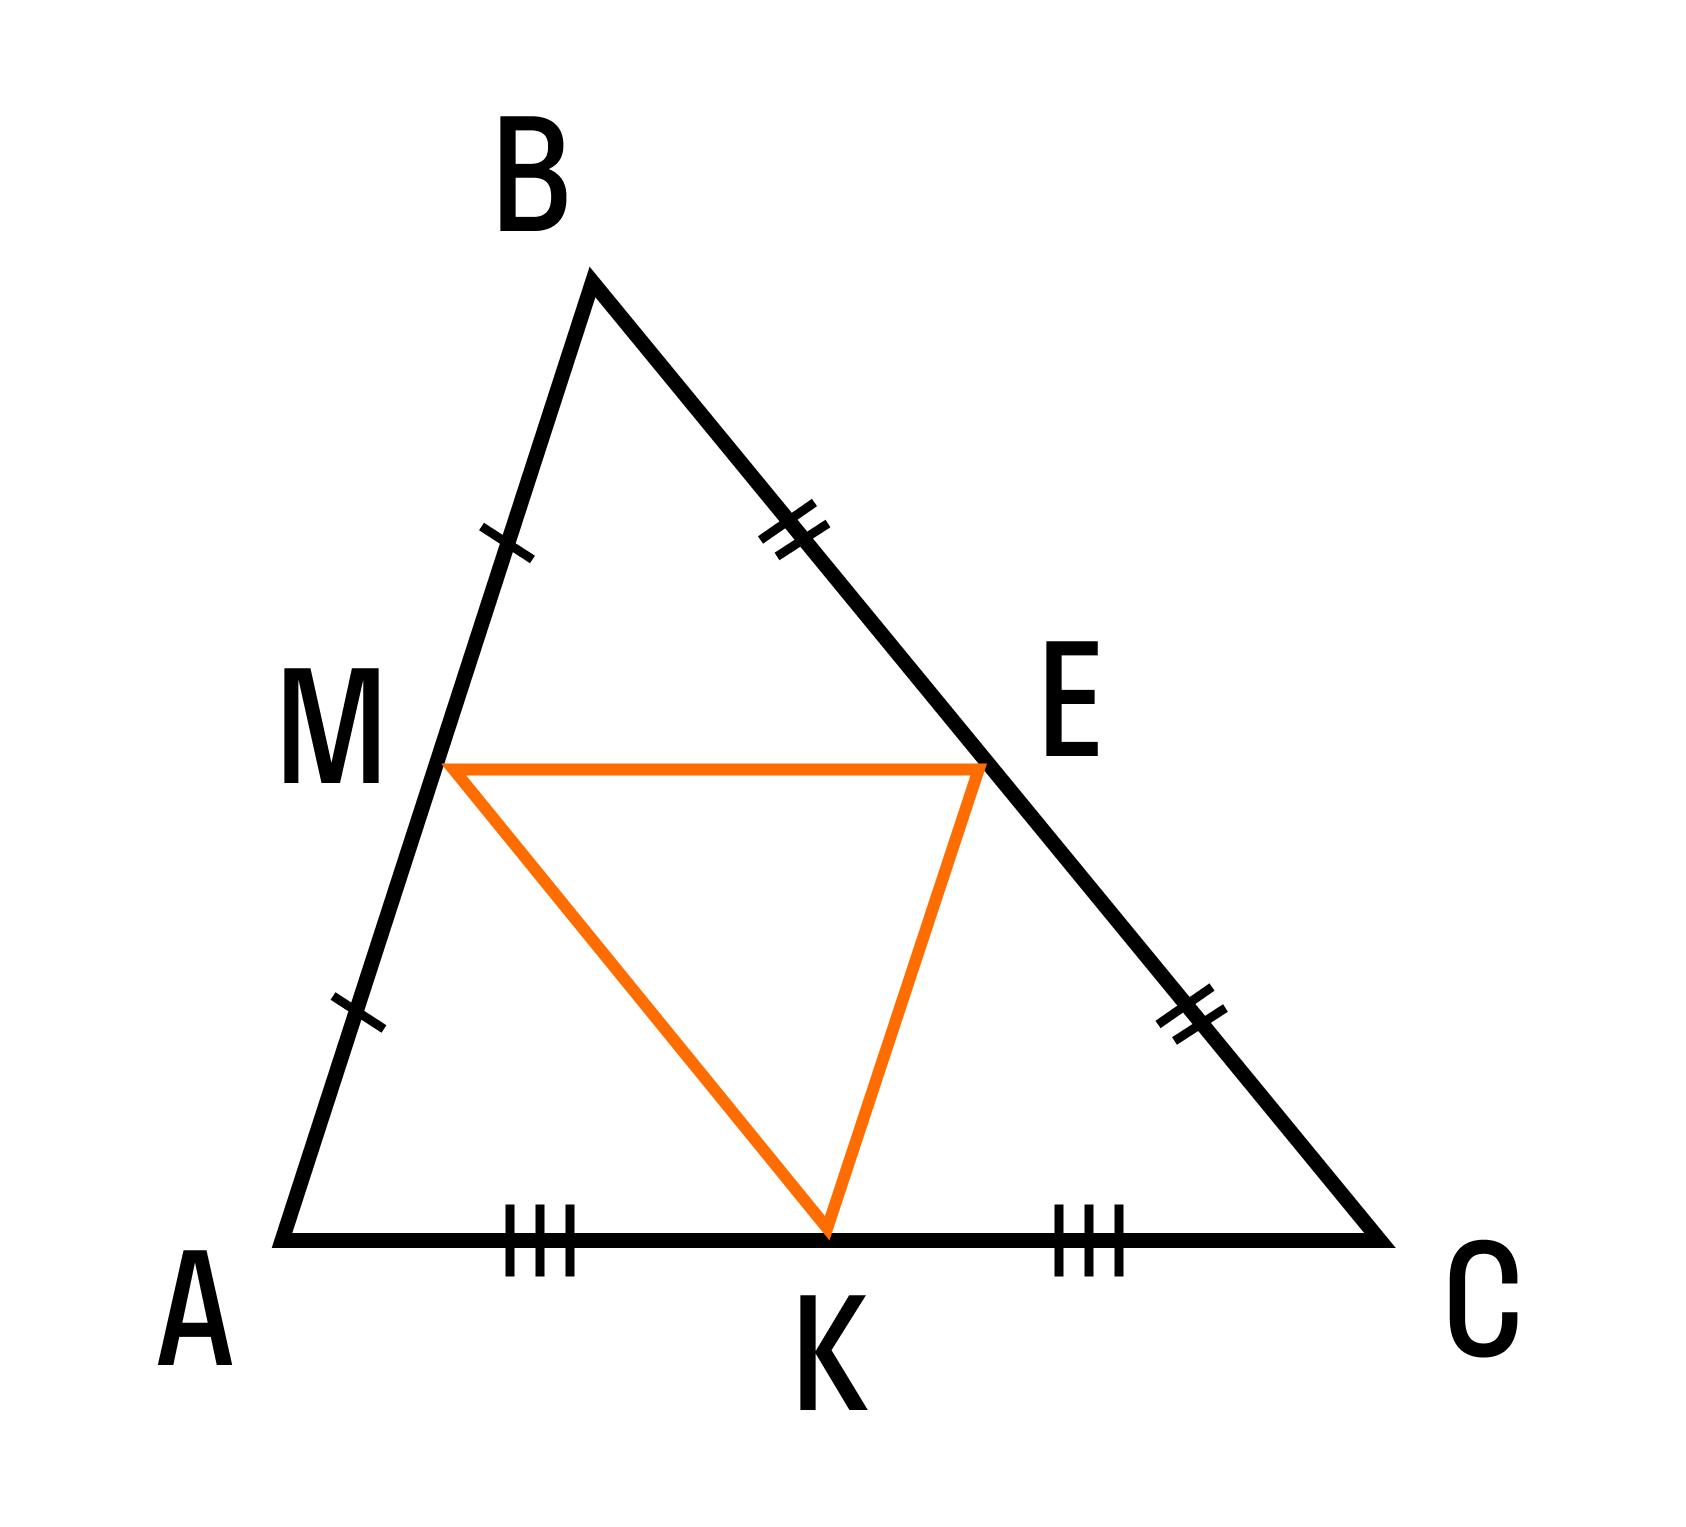 средние линии данного треугольника